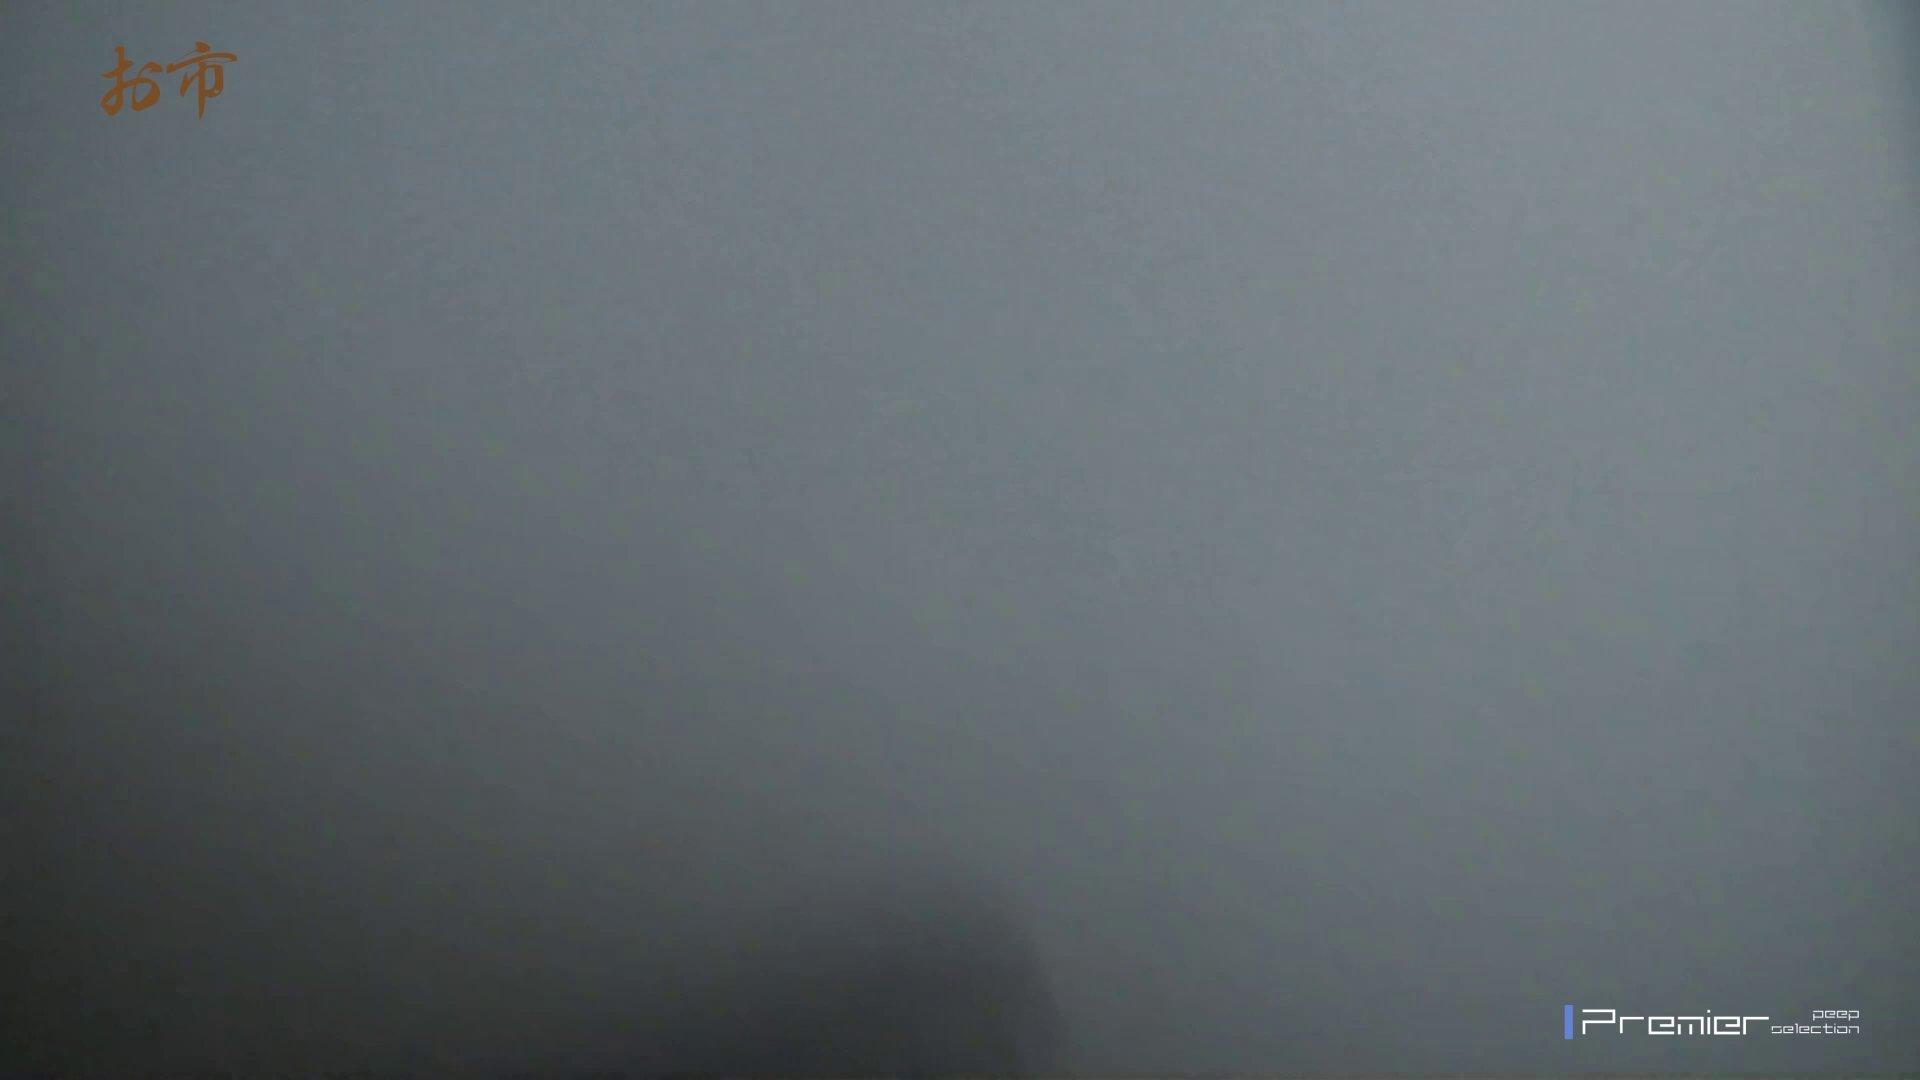 潜入!!台湾名門女学院 Vol.14 ラストコンテンツ!! エッチすぎるOL達 オメコ無修正動画無料 86連発 38